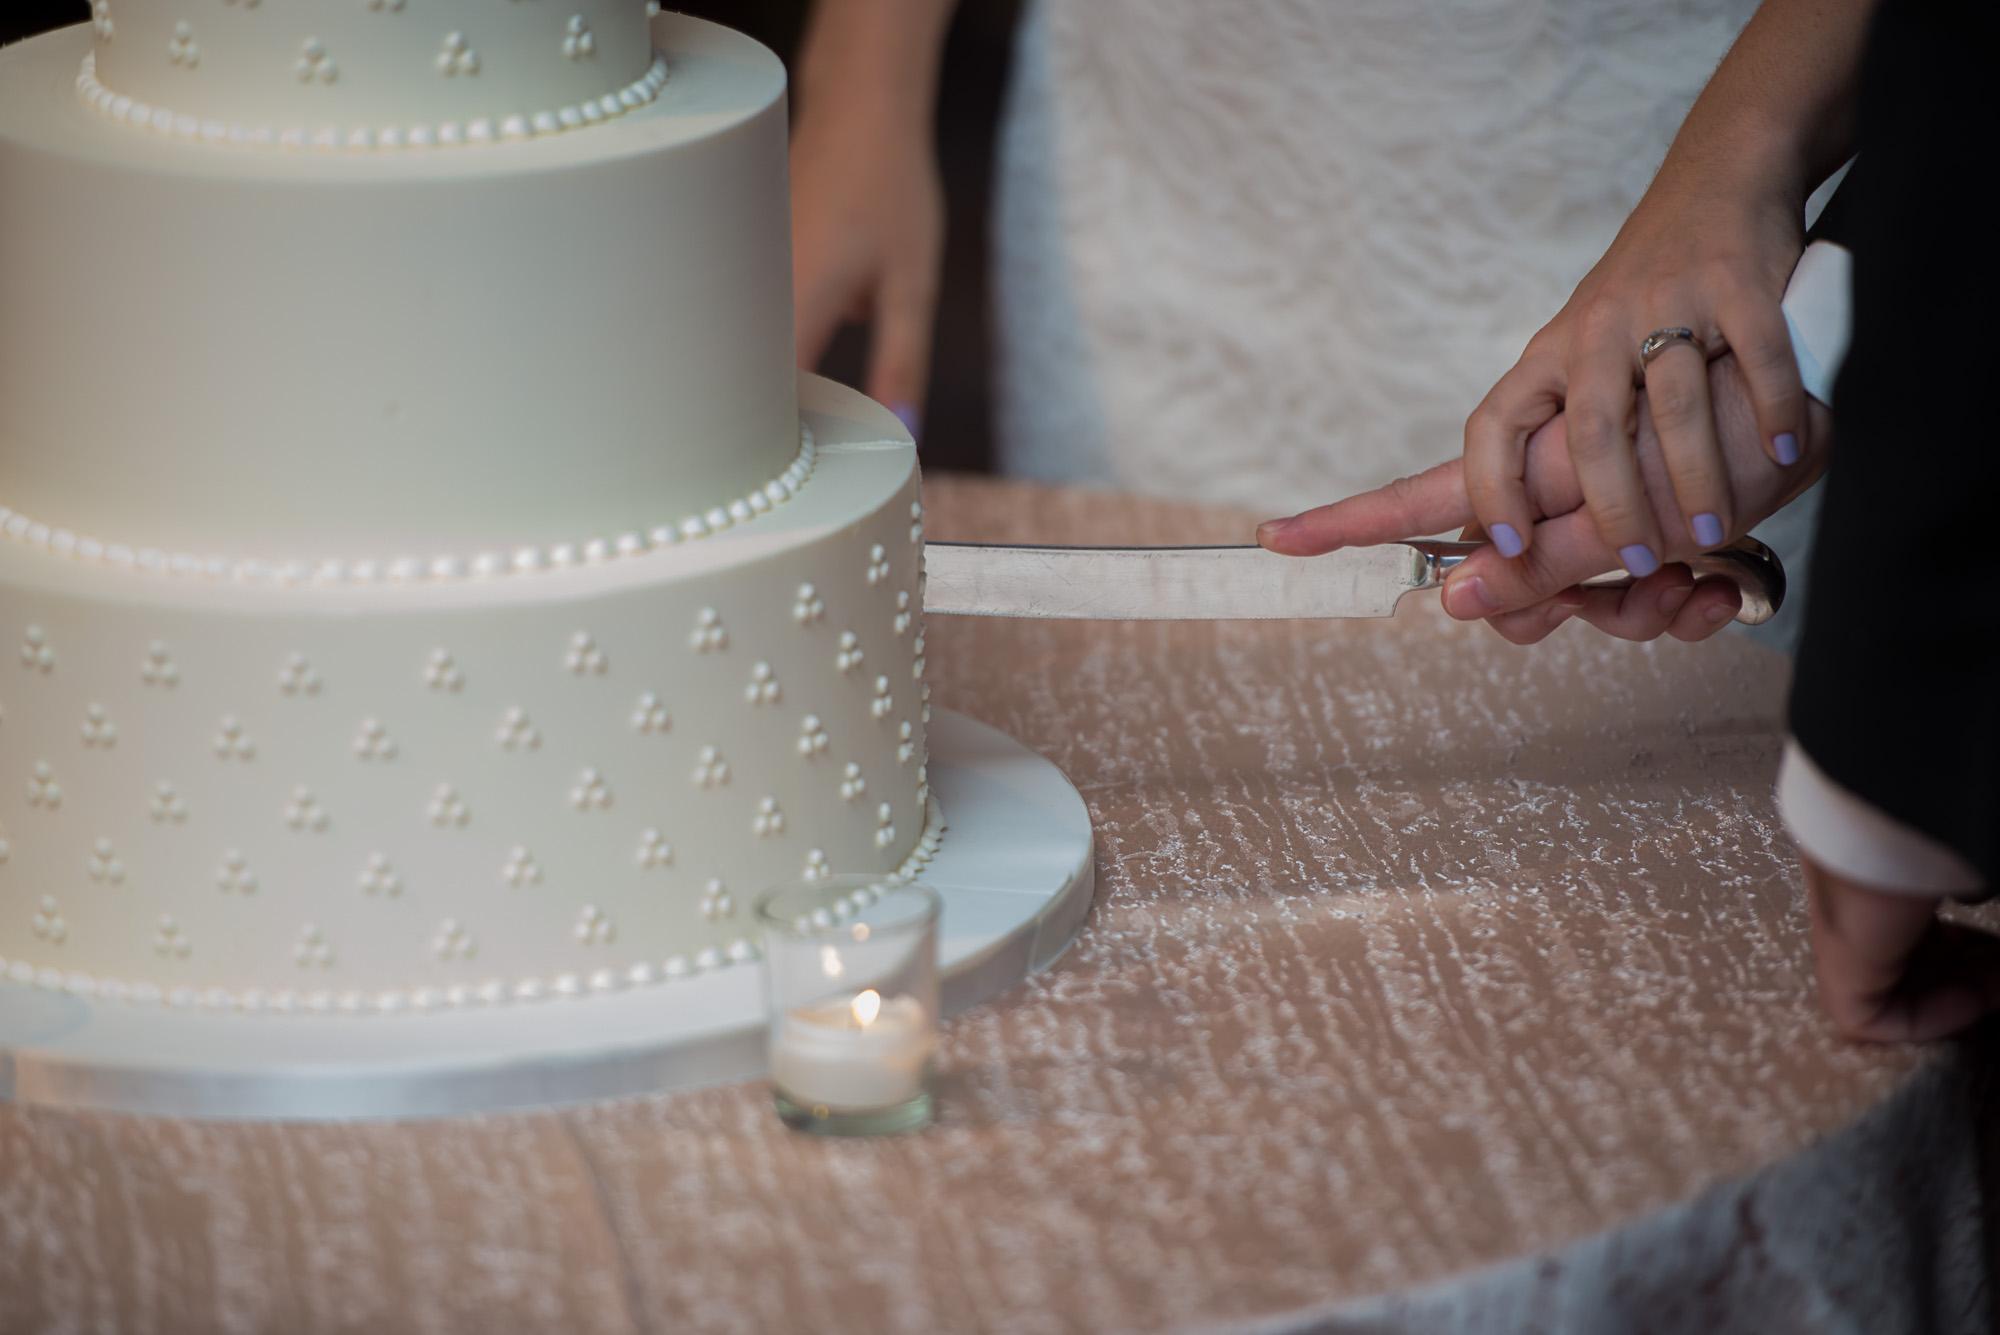 park-hyatt-chicago-wedding-water-tower-wedding-9858